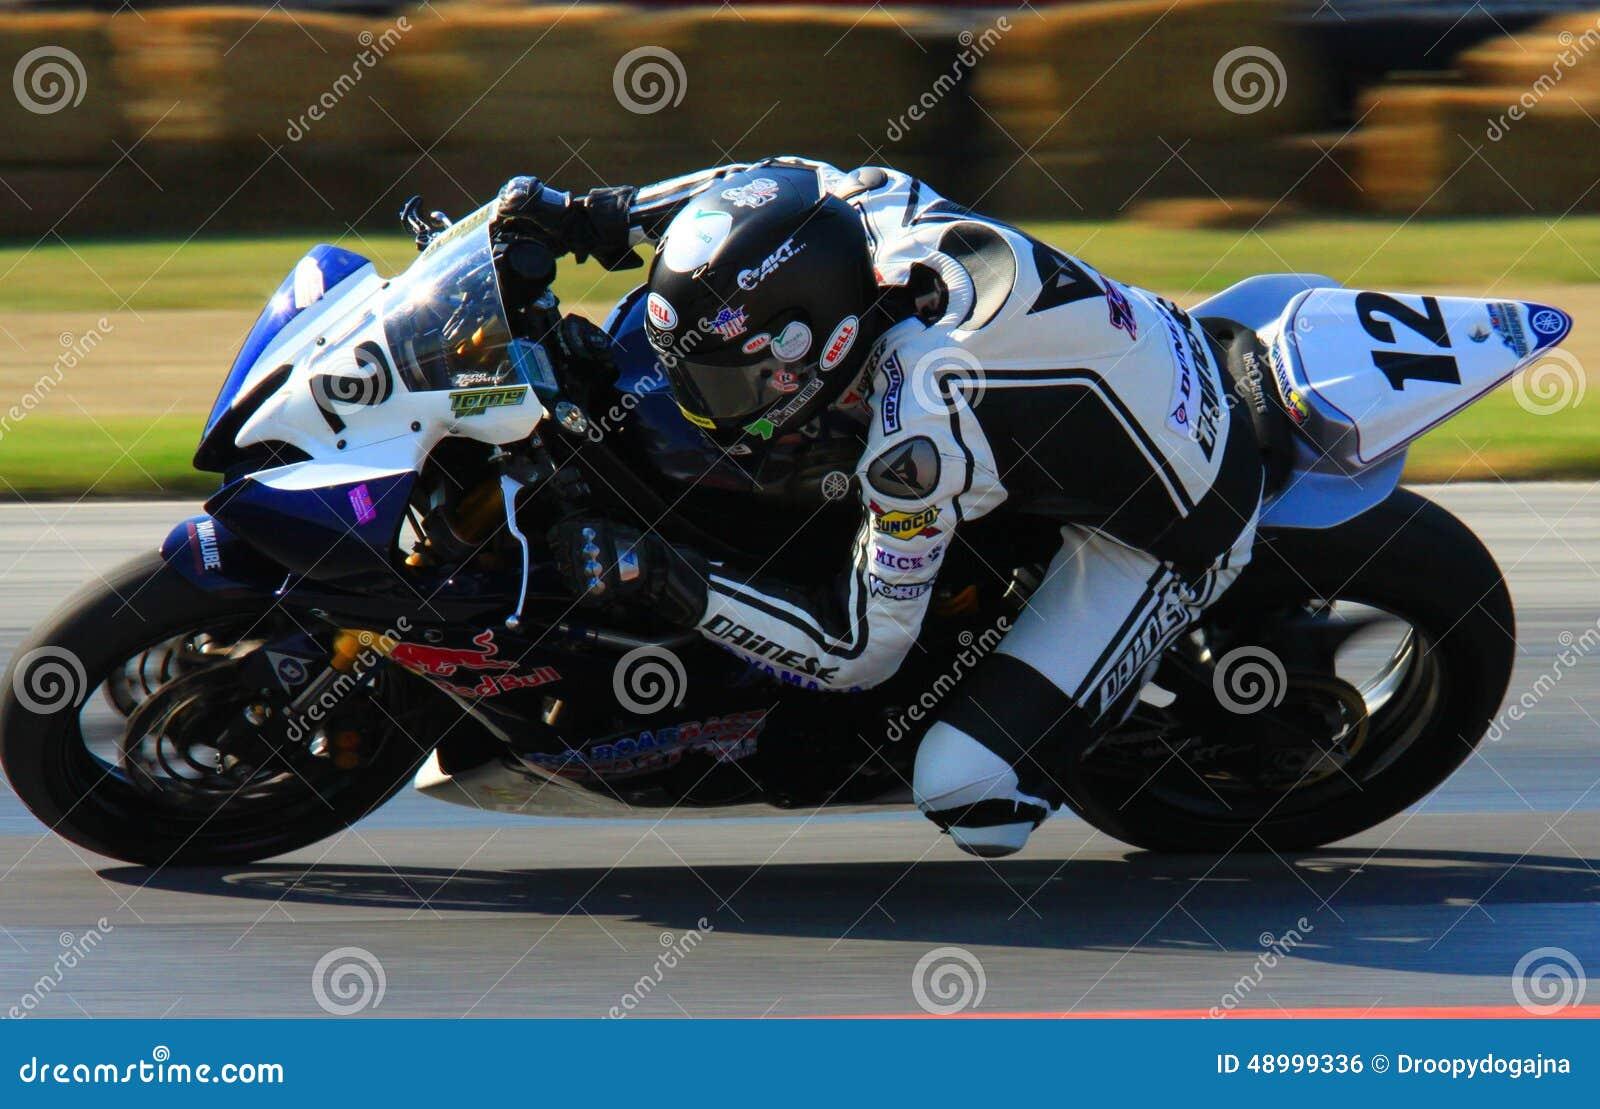 Yamaha YZF-R6 Racing Bike Editorial Photo | CartoonDealer.com #50194999